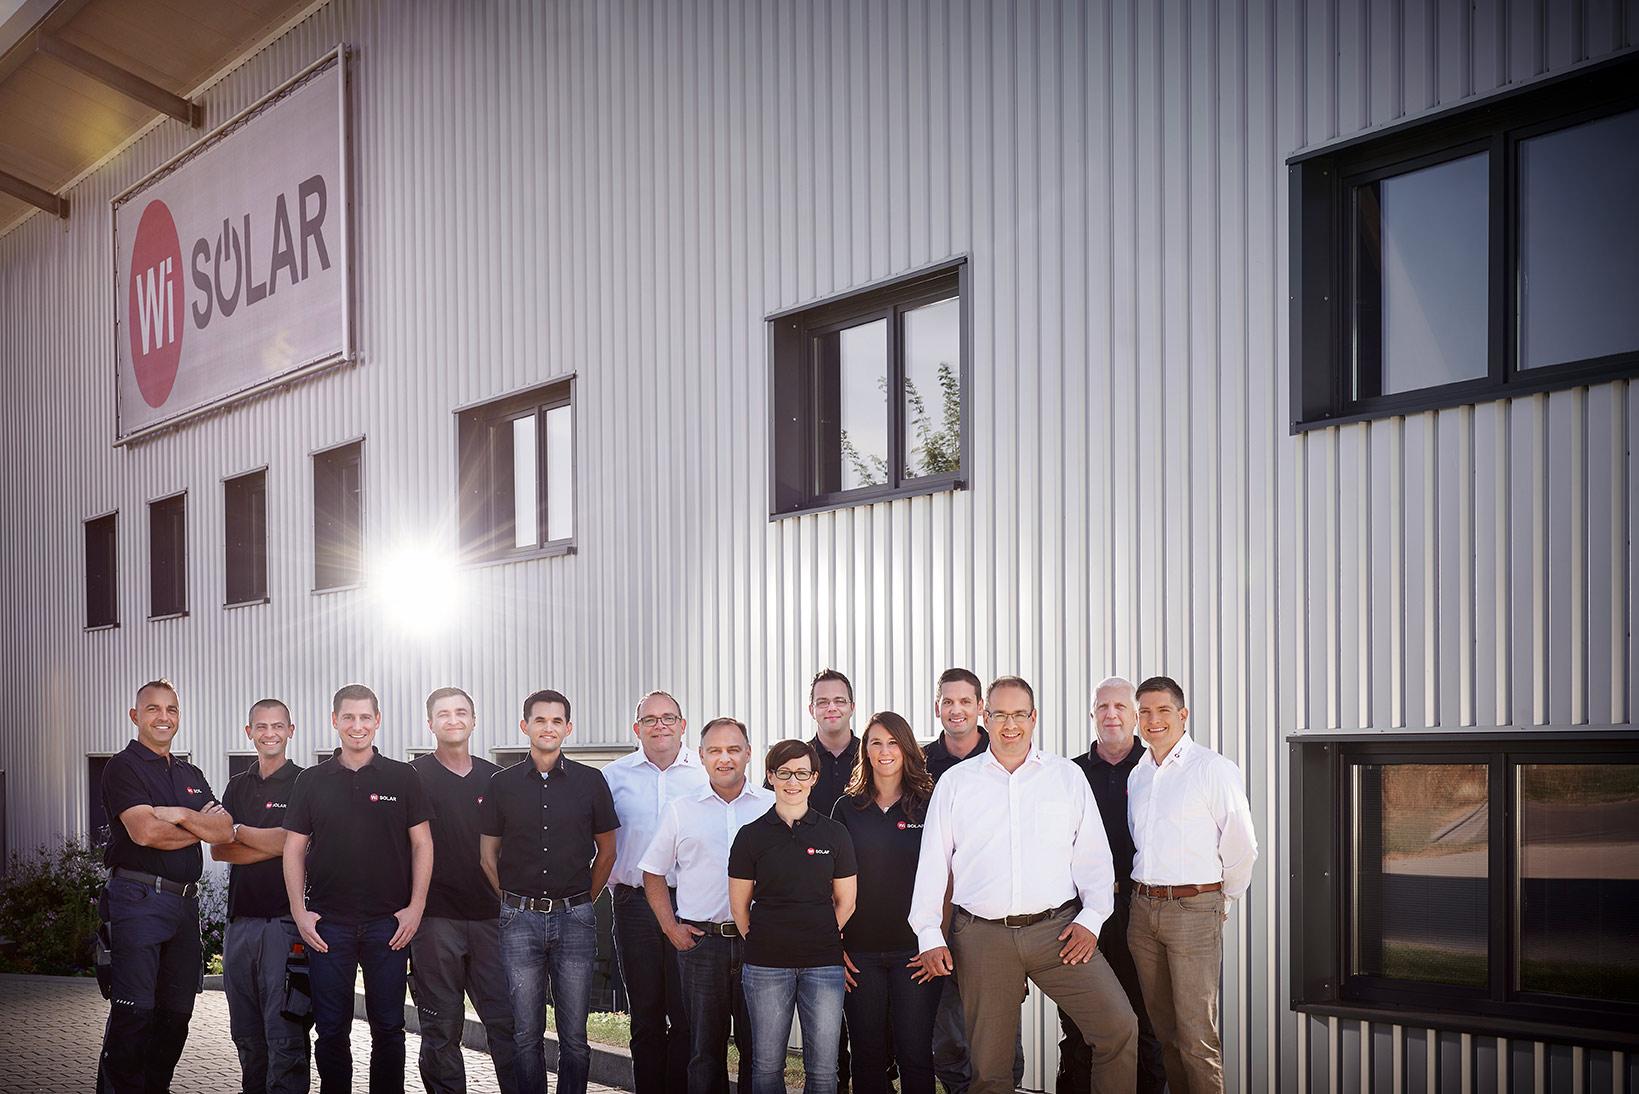 ueber-uns-galerie-wisolar-team